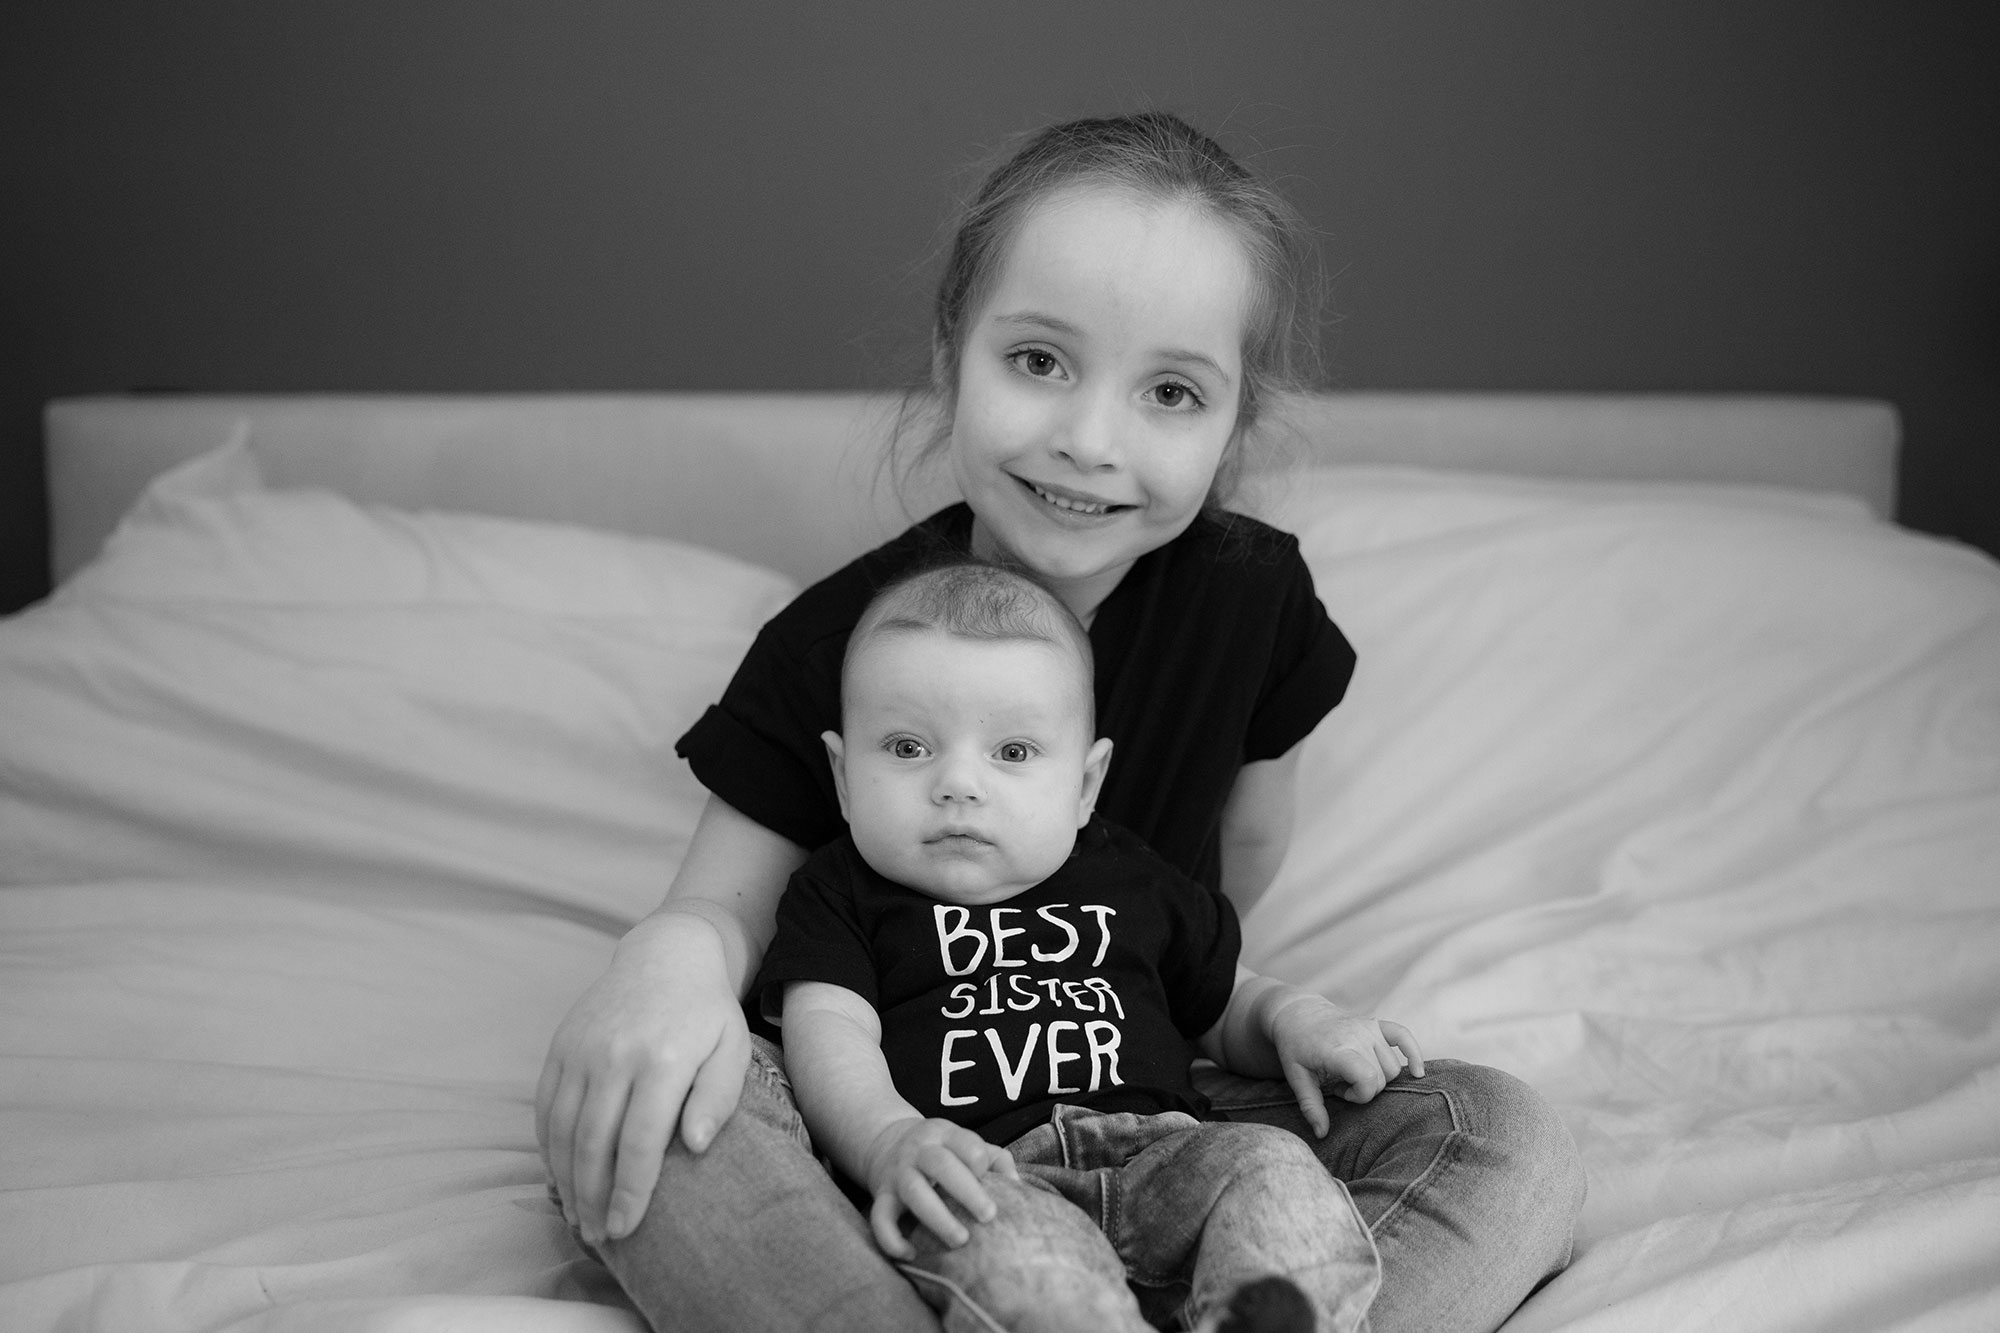 Gezinsfoto, gezinsfotografie of gezinsreportage